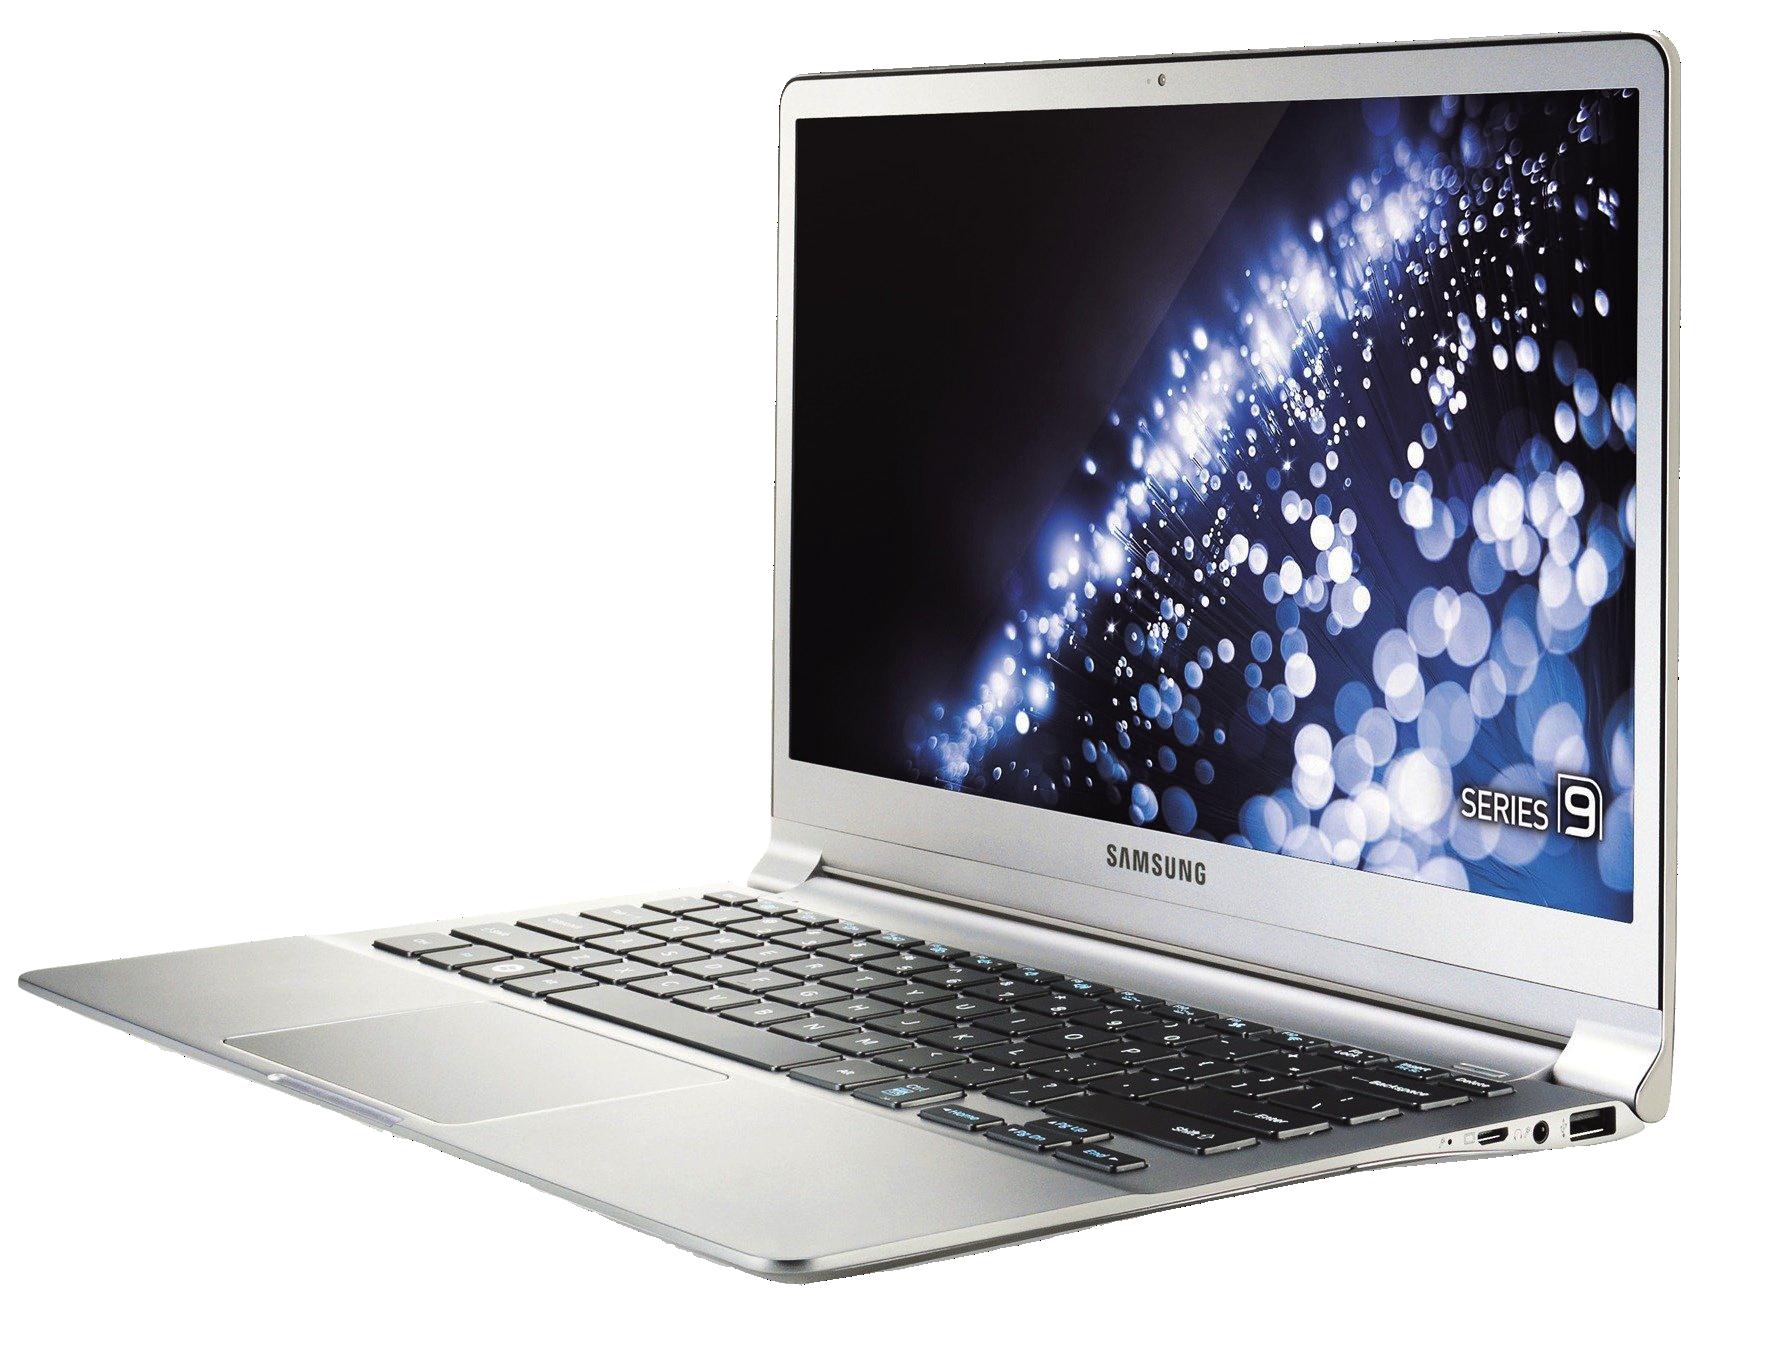 Free PNG Laptop - 44481